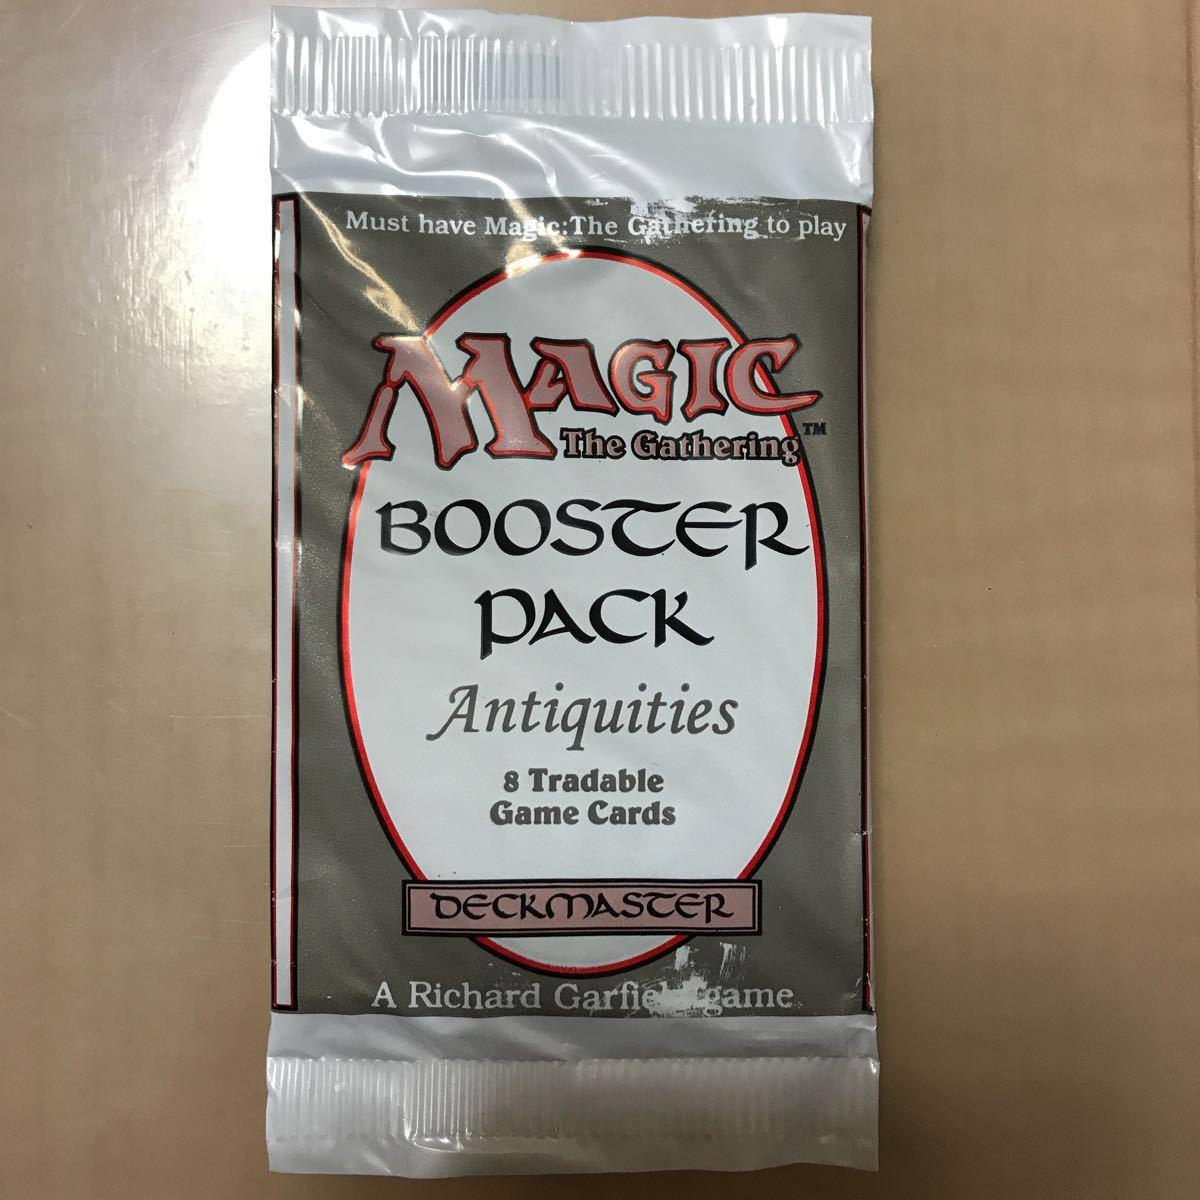 【 値下げ 未開封 1パックのみ 】 アンティキティー ブースターパック Antiquities MTG 一部印刷かすれあり 破け無し